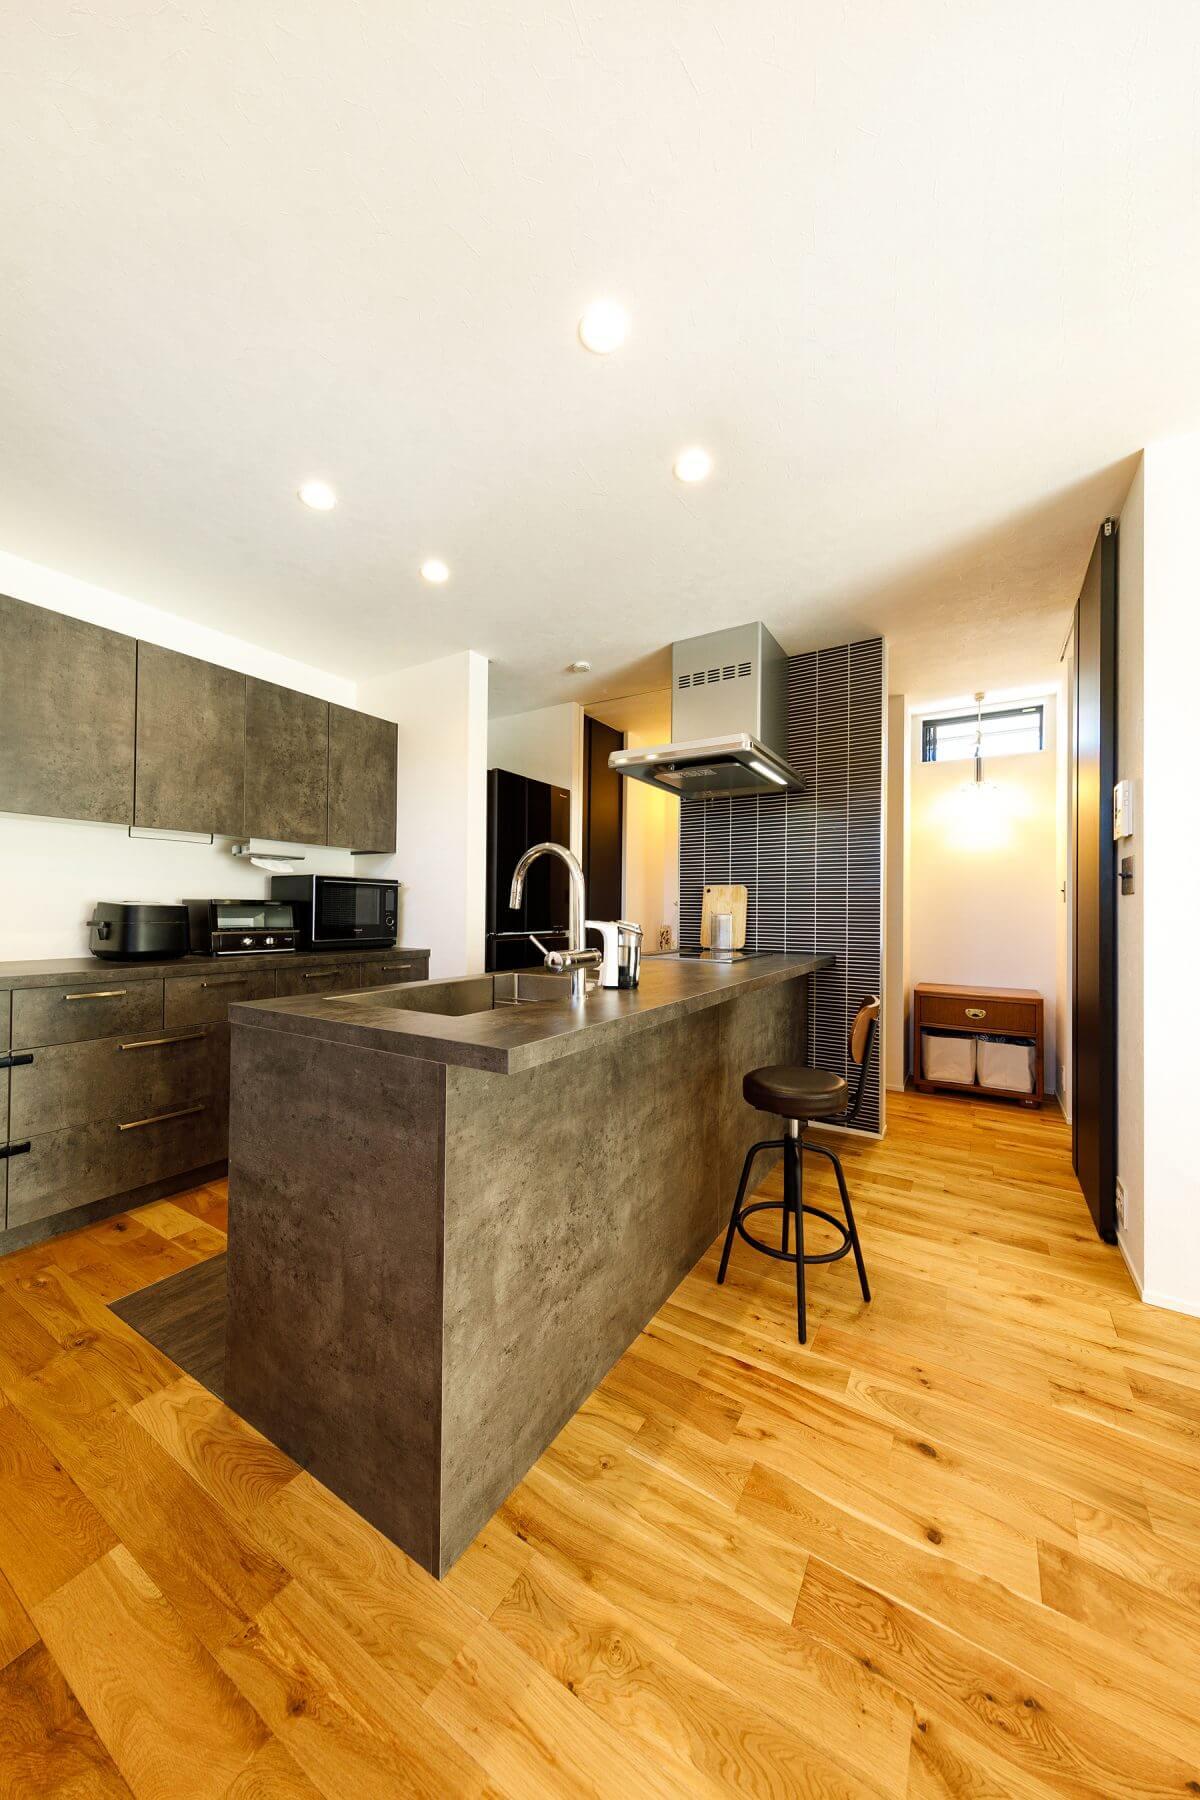 キッチン設備は土間の質感に合わせてデザインしたグラフテクト製。背面のカップボードもセットでコーディネートしました。床のオークの無垢材とも良くマッチし、カフェのような雰囲気も演出します。